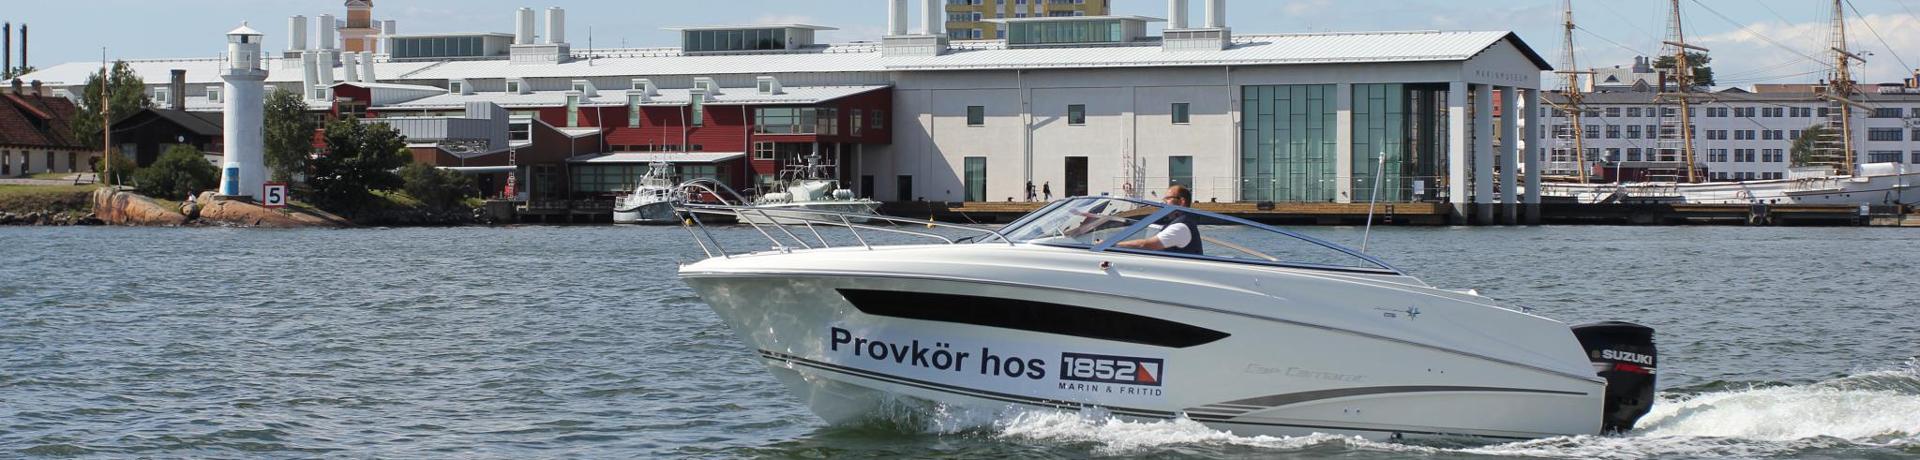 marin-fritid-båtar